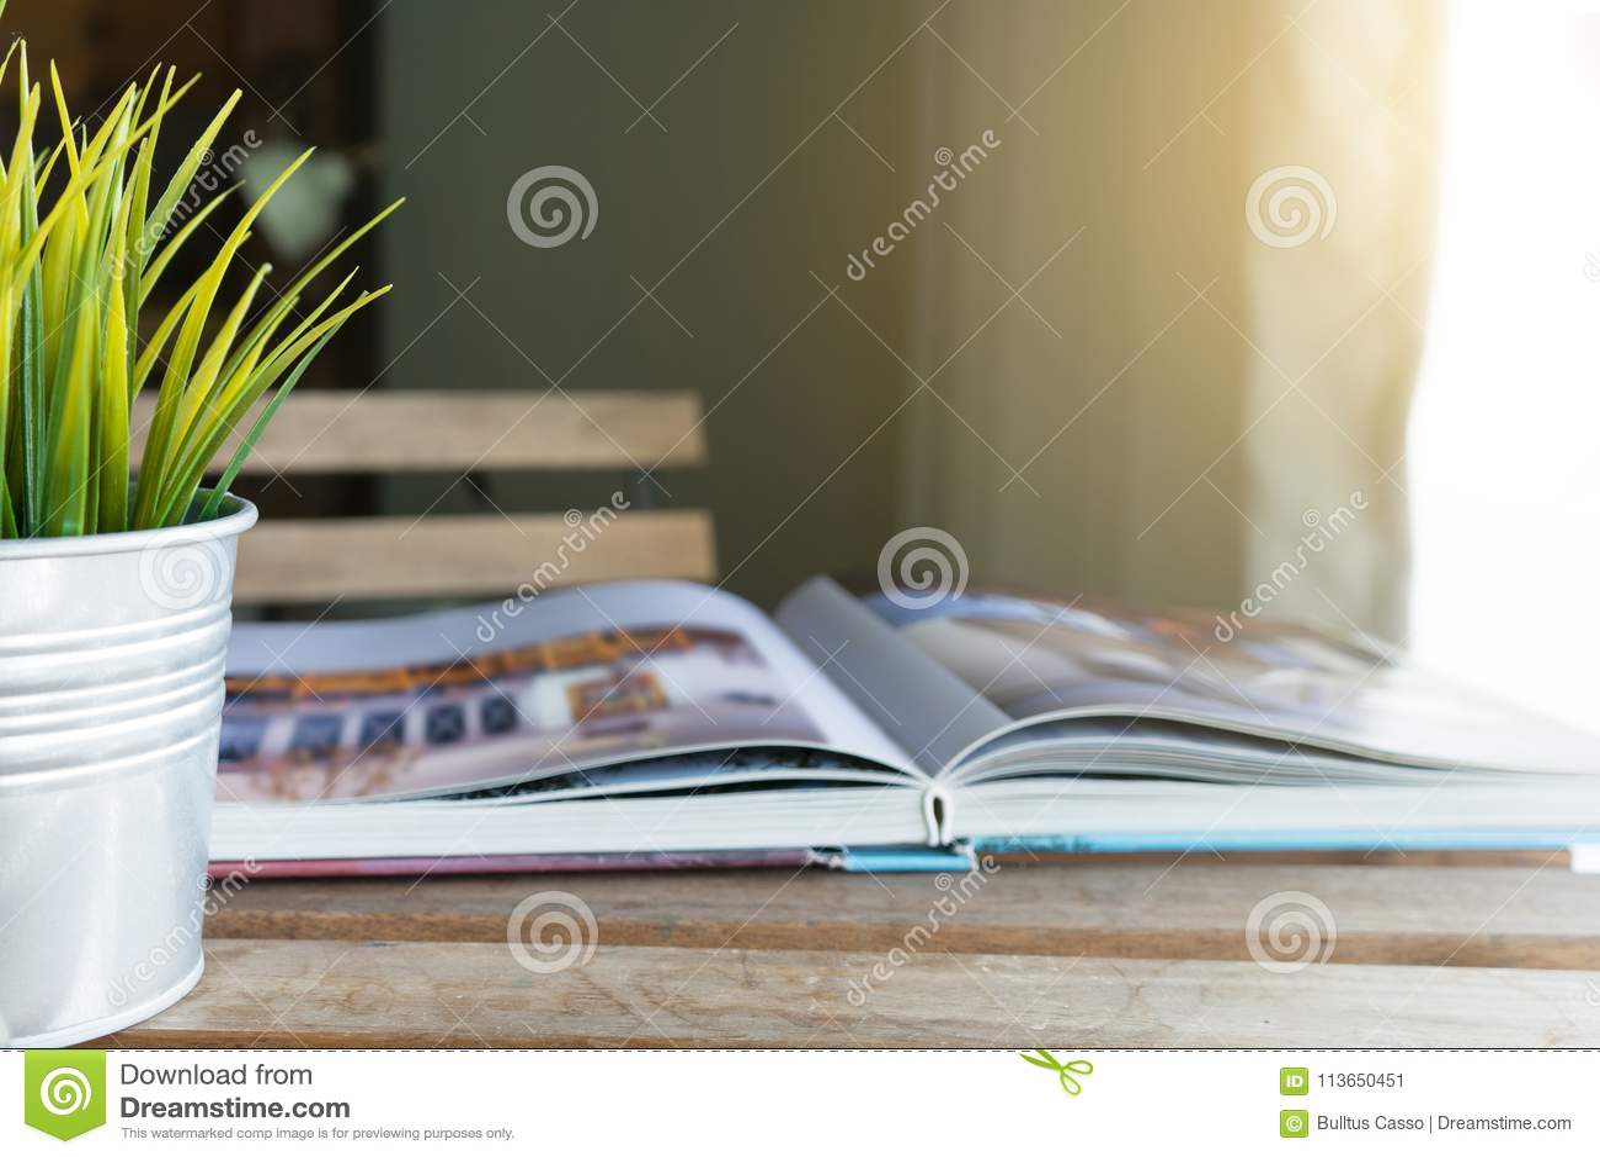 Βιβλίο και μικρό δοχείο στον πίνακα στο καθιστικό